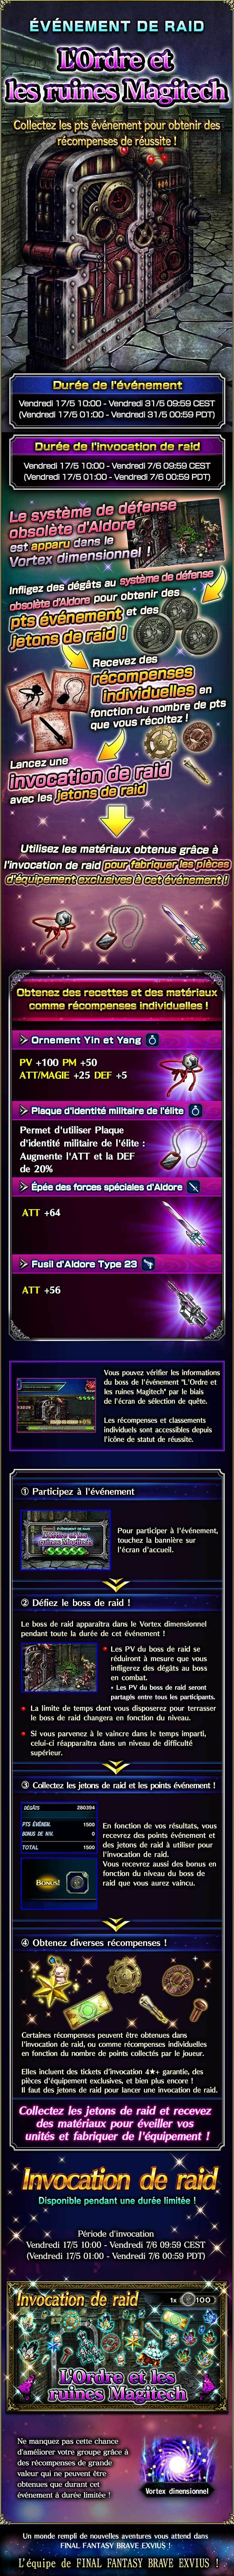 Evenement Raid - FFBE - L'Ordre et les ruines Magitech - à partir du 17/05/19 News_banner_raid_OrdersAndTheMagitekRuins